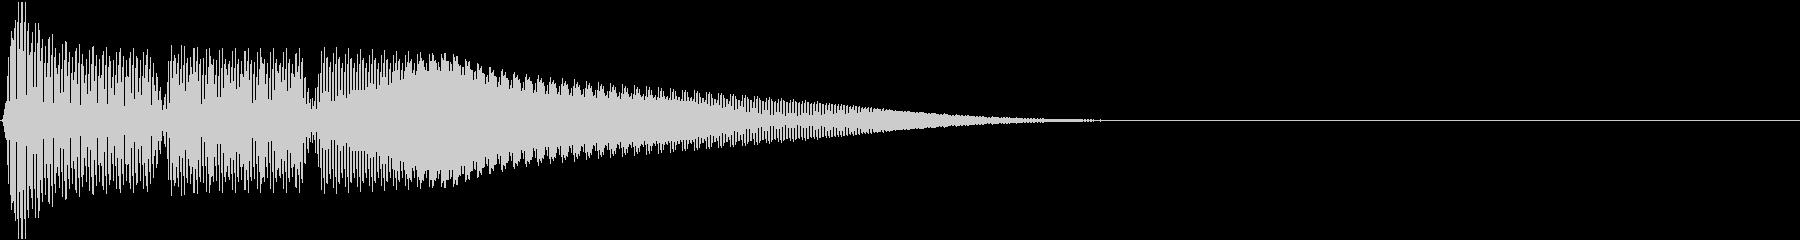 テレレー(電子小決定音)の未再生の波形